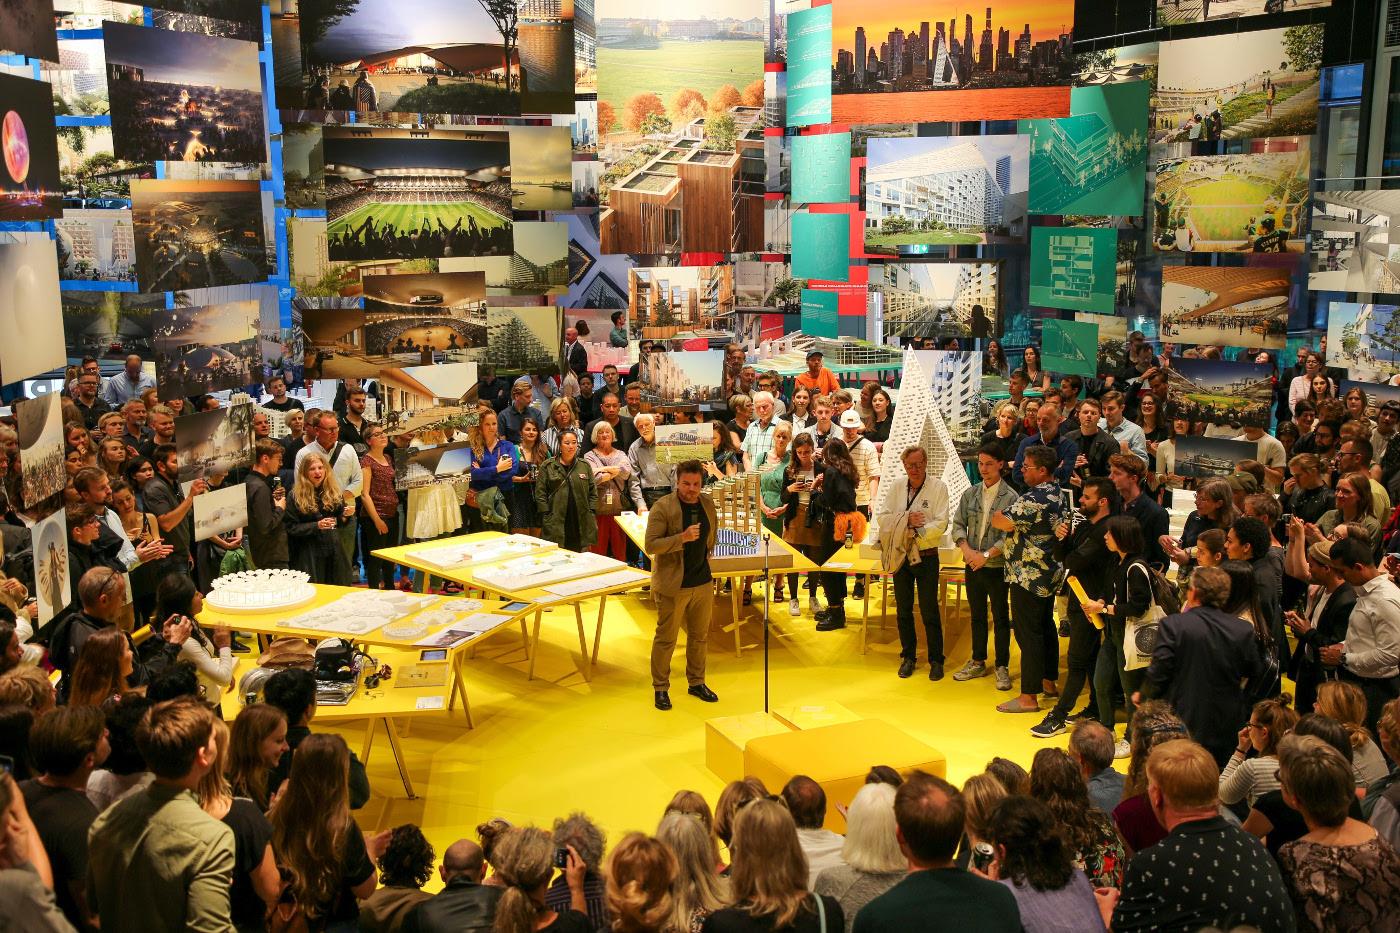 Over 170.000 har besøgt Dansk Arkitektur Center i 2019.